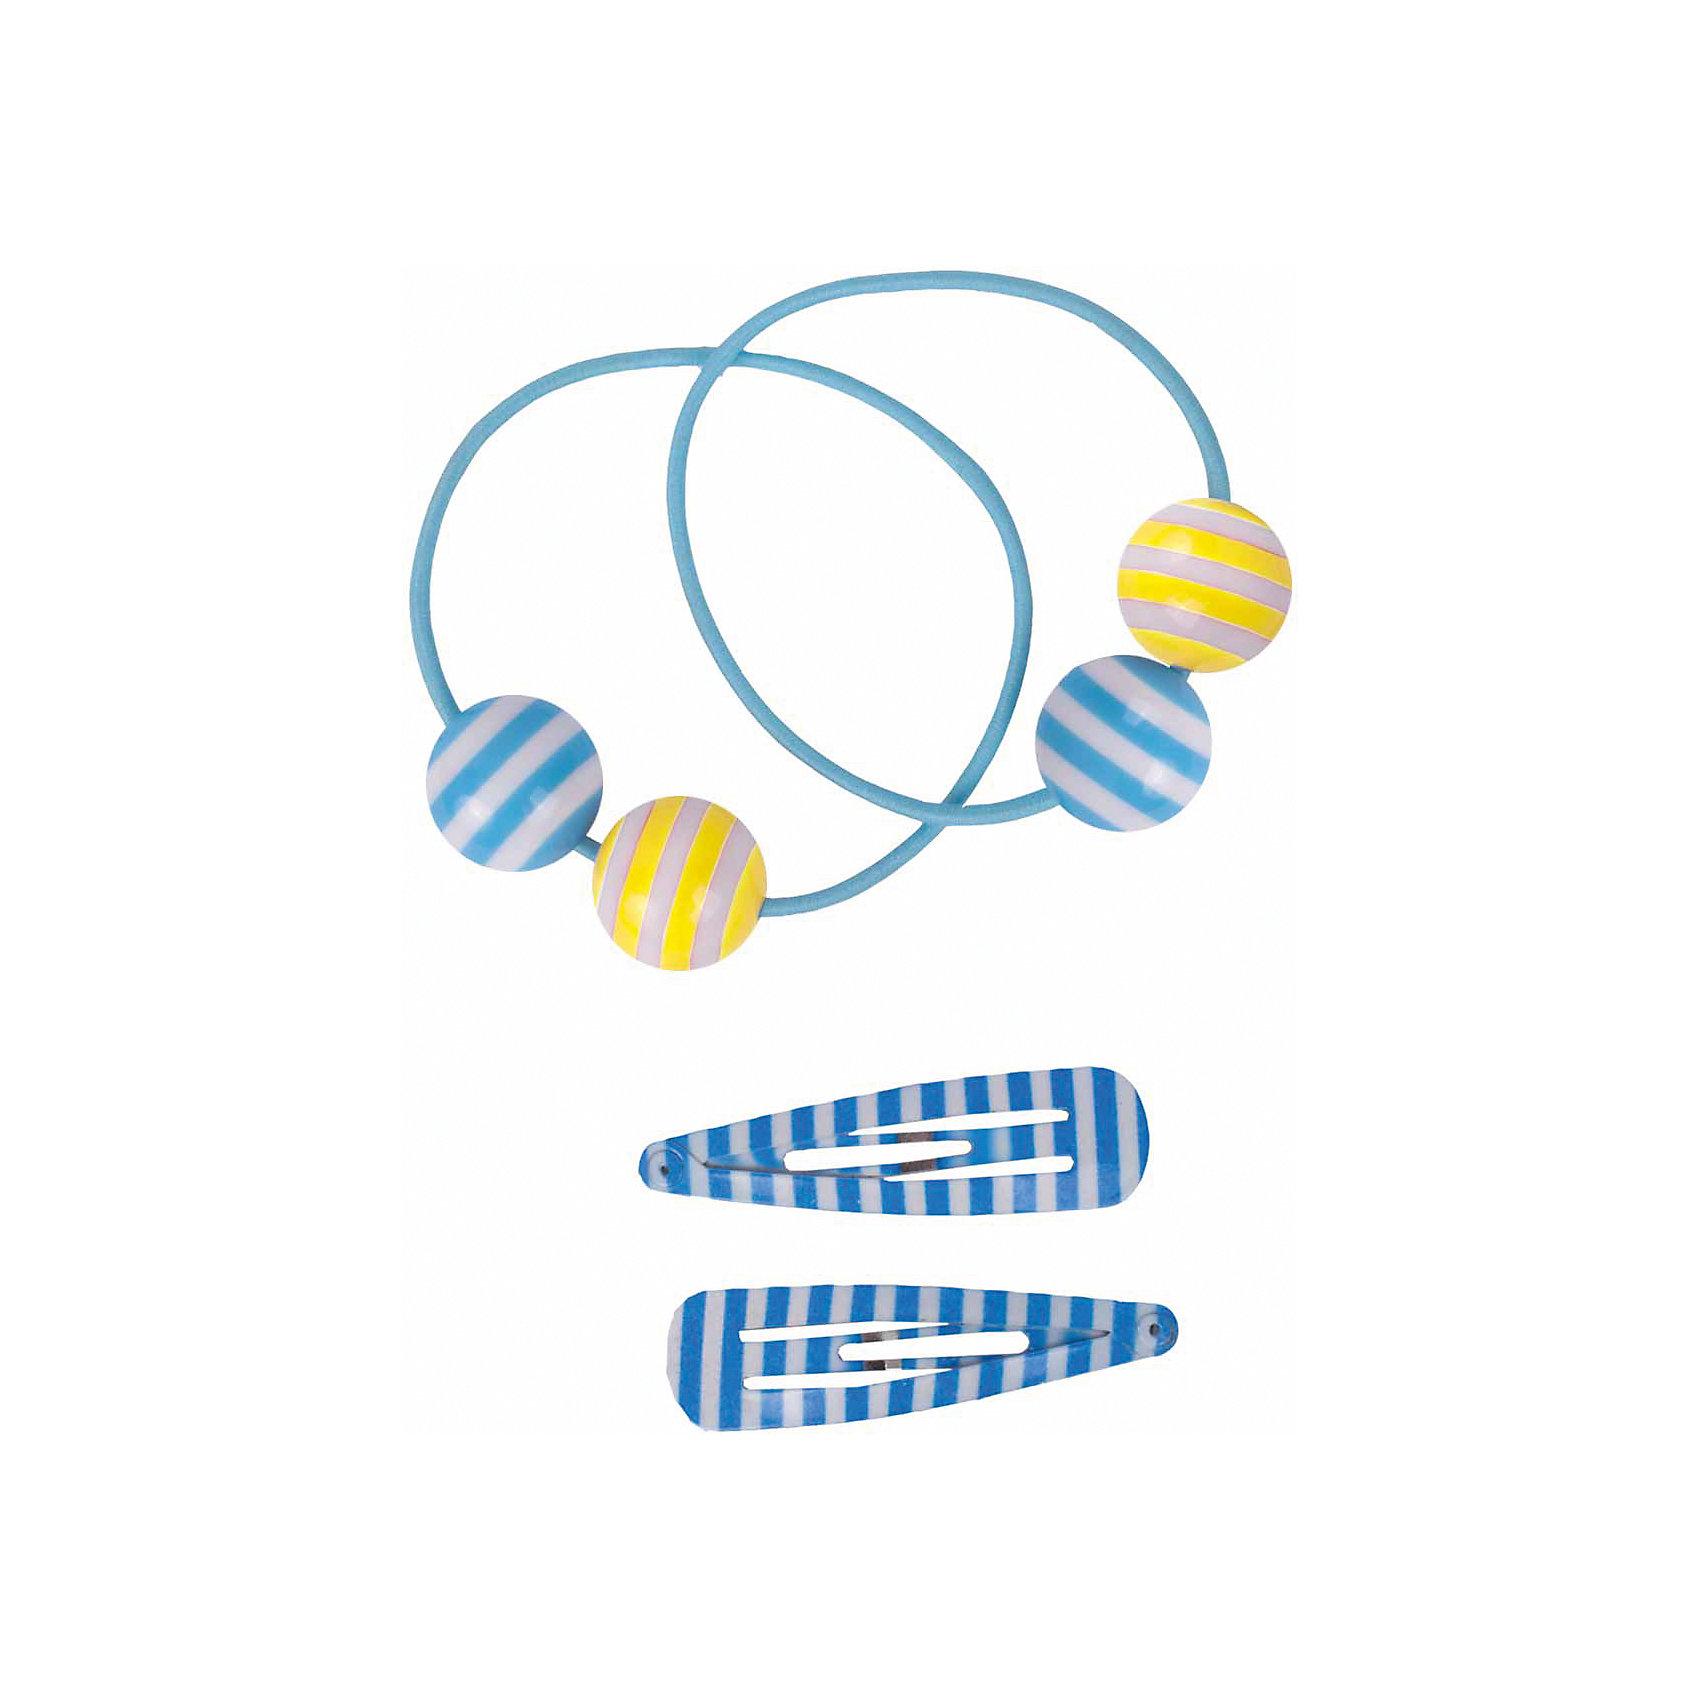 Набор резинок и заколок 4шт для девочки  BUTTON BLUEАксессуары<br>Набор резинок и заколок 4шт для девочки  BUTTON BLUE<br>Набор оригинальных аксессуаров для волос  - лучший помощник в создании красивой прически.<br>Состав:<br>полиэстер, эластан, пластик, металл<br><br>Ширина мм: 170<br>Глубина мм: 157<br>Высота мм: 67<br>Вес г: 117<br>Цвет: голубой<br>Возраст от месяцев: 0<br>Возраст до месяцев: 168<br>Пол: Женский<br>Возраст: Детский<br>Размер: one size<br>SKU: 5523822